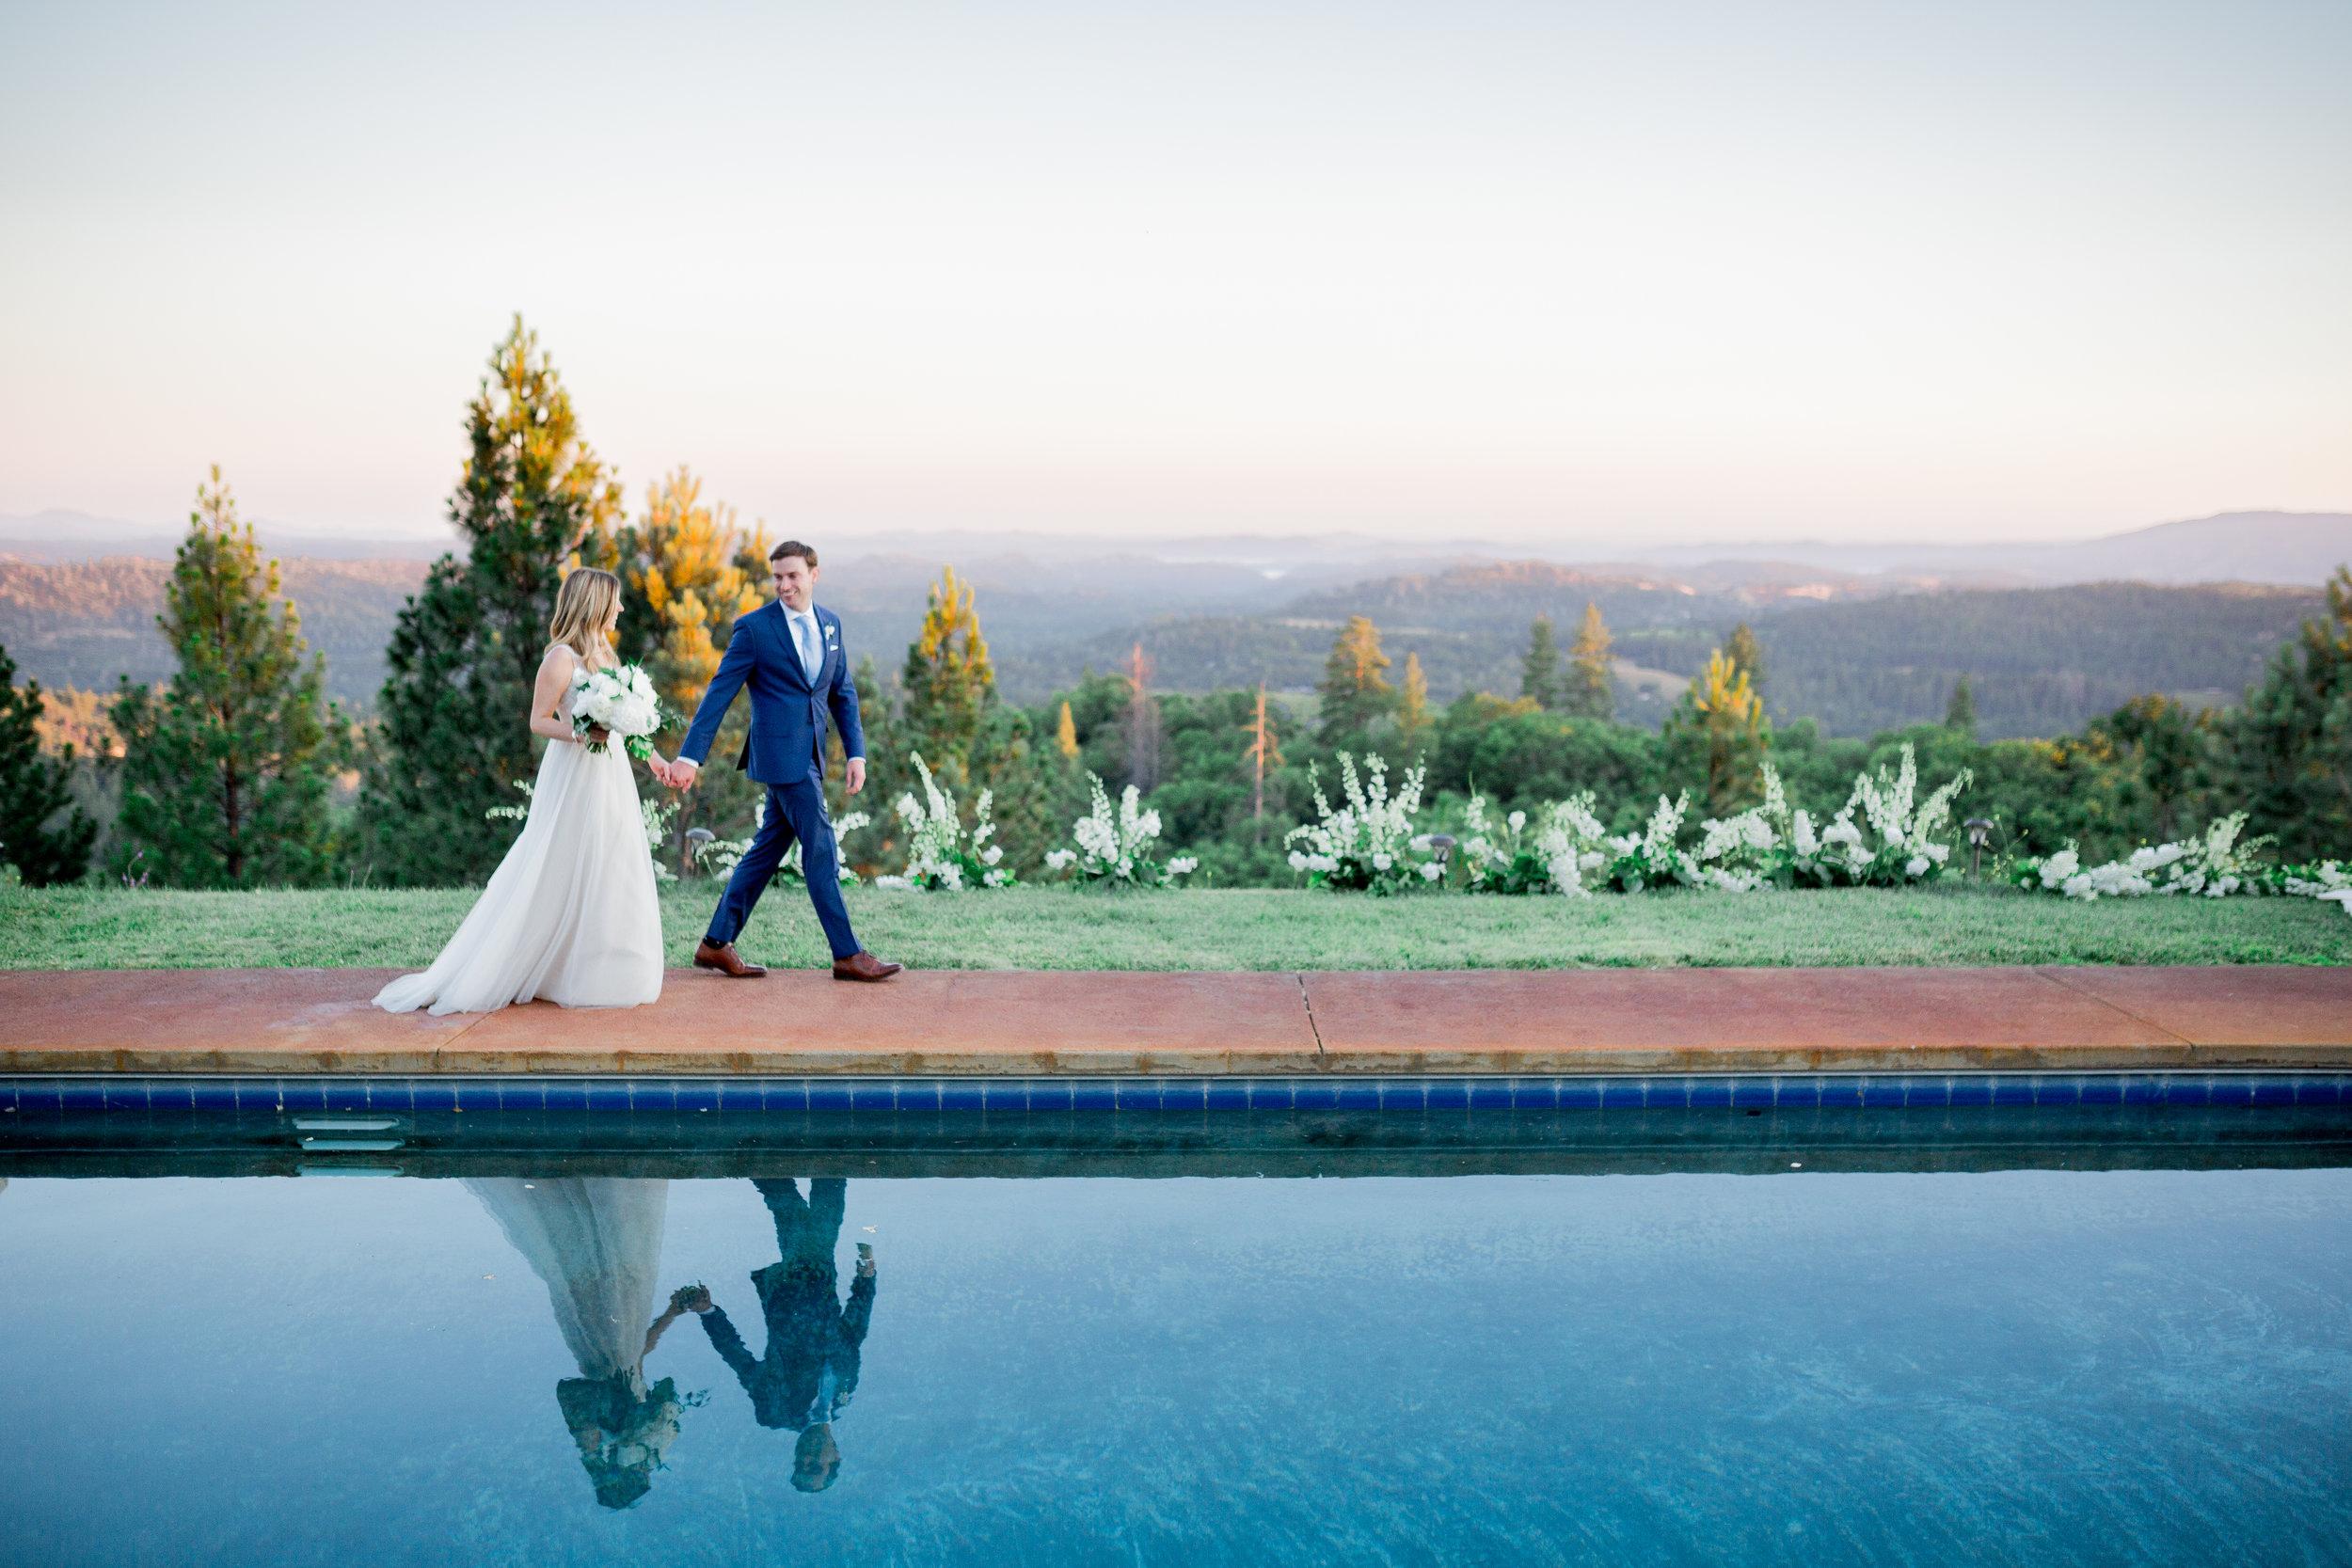 Venticello Murphys California Destination wedding photos